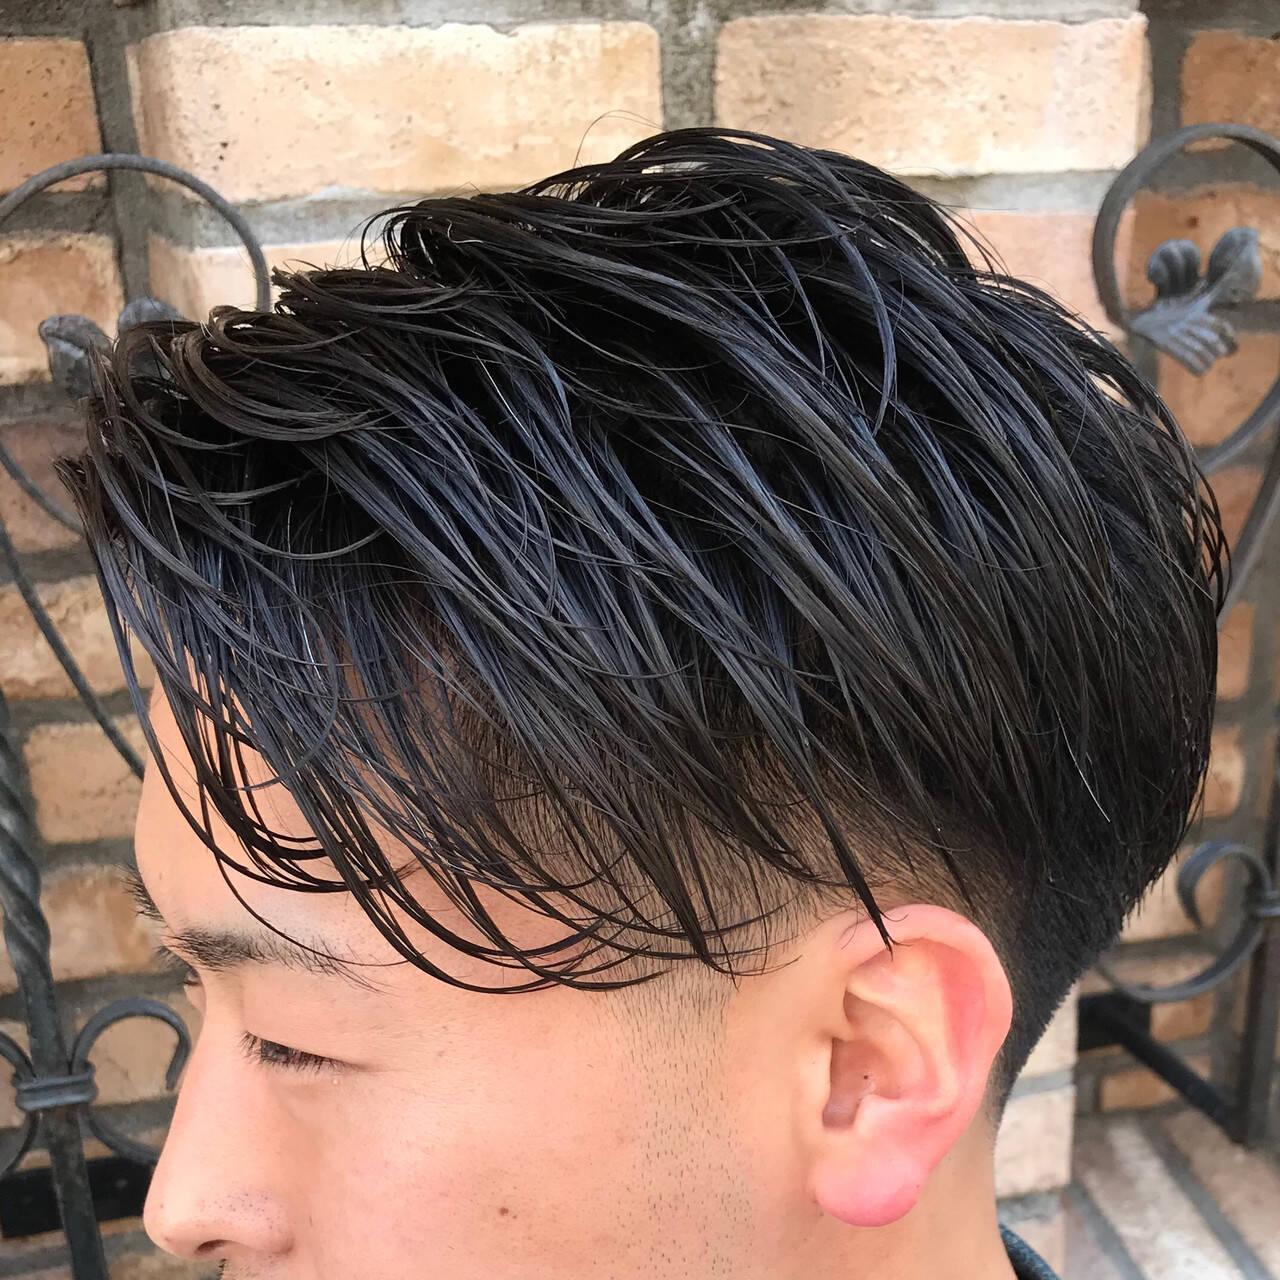 ナチュラル 刈り上げ メンズ 刈り上げショートヘアスタイルや髪型の写真・画像